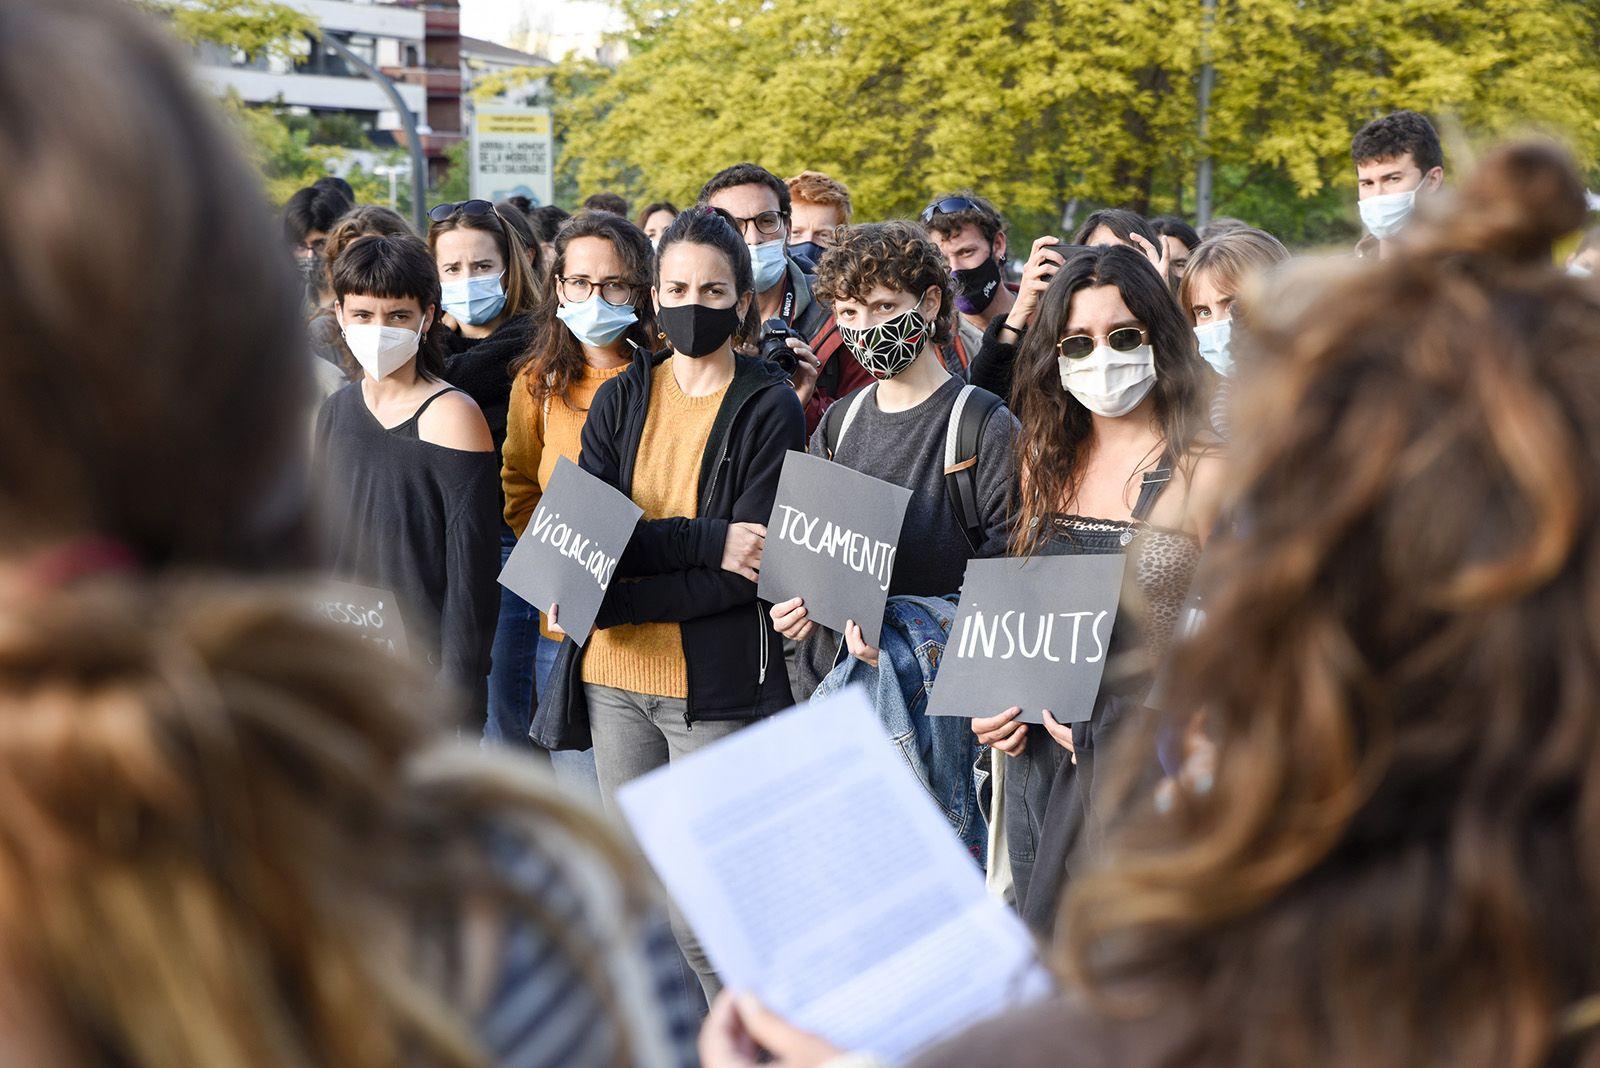 Concentració feminista denuncia l'abús sexual a una menor. Fotos Bernat Millet 10